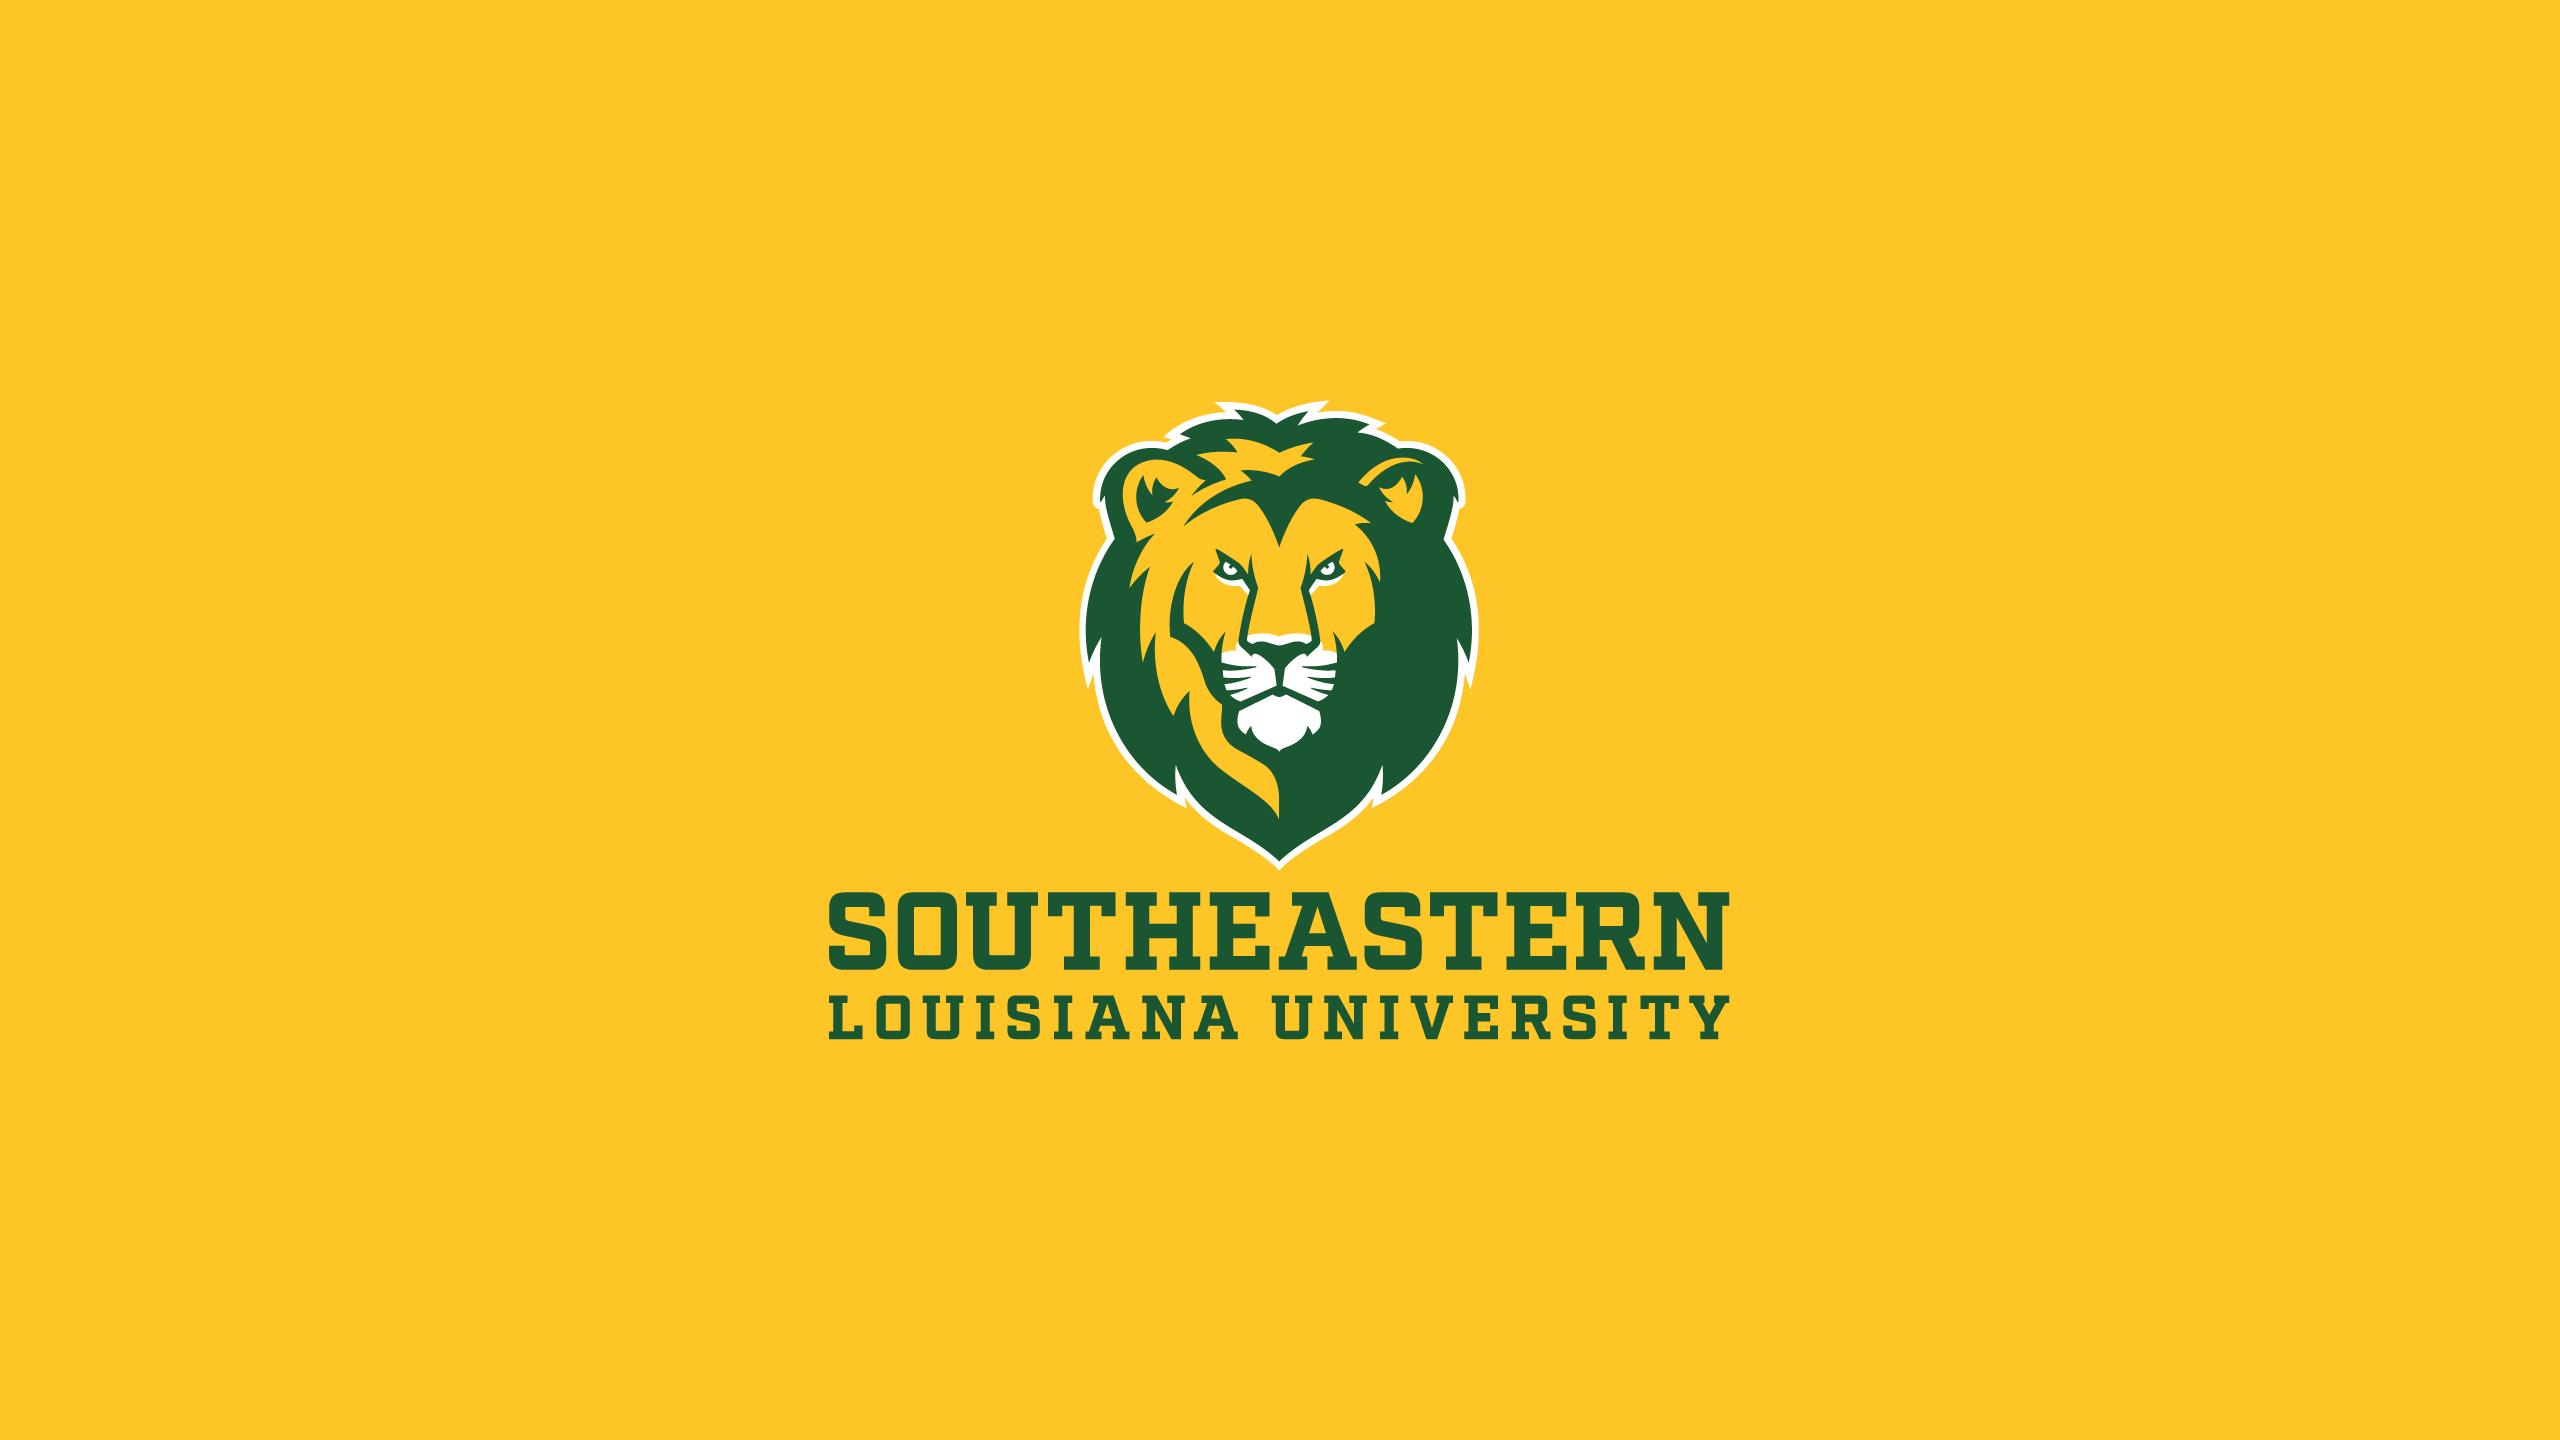 Southeastern Louisiana University Lions